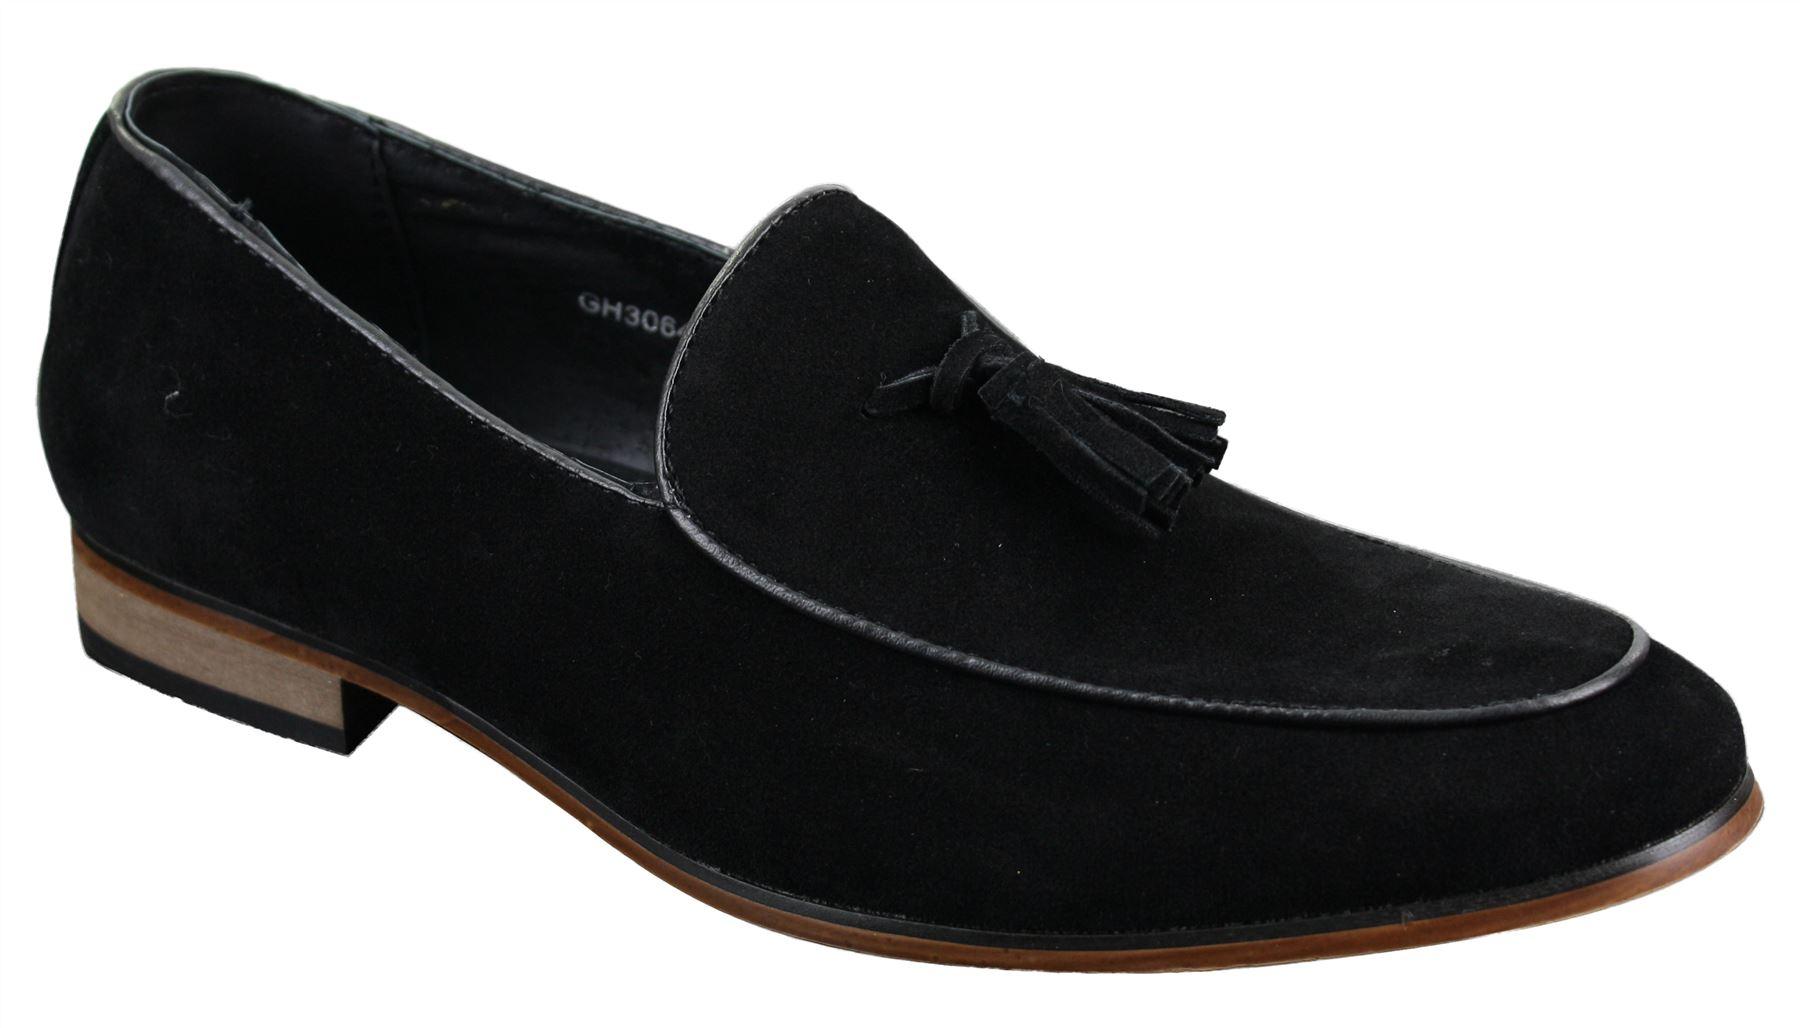 Homme chaussure en daim chic et l gante avec ses - Laver chaussure en daim ...